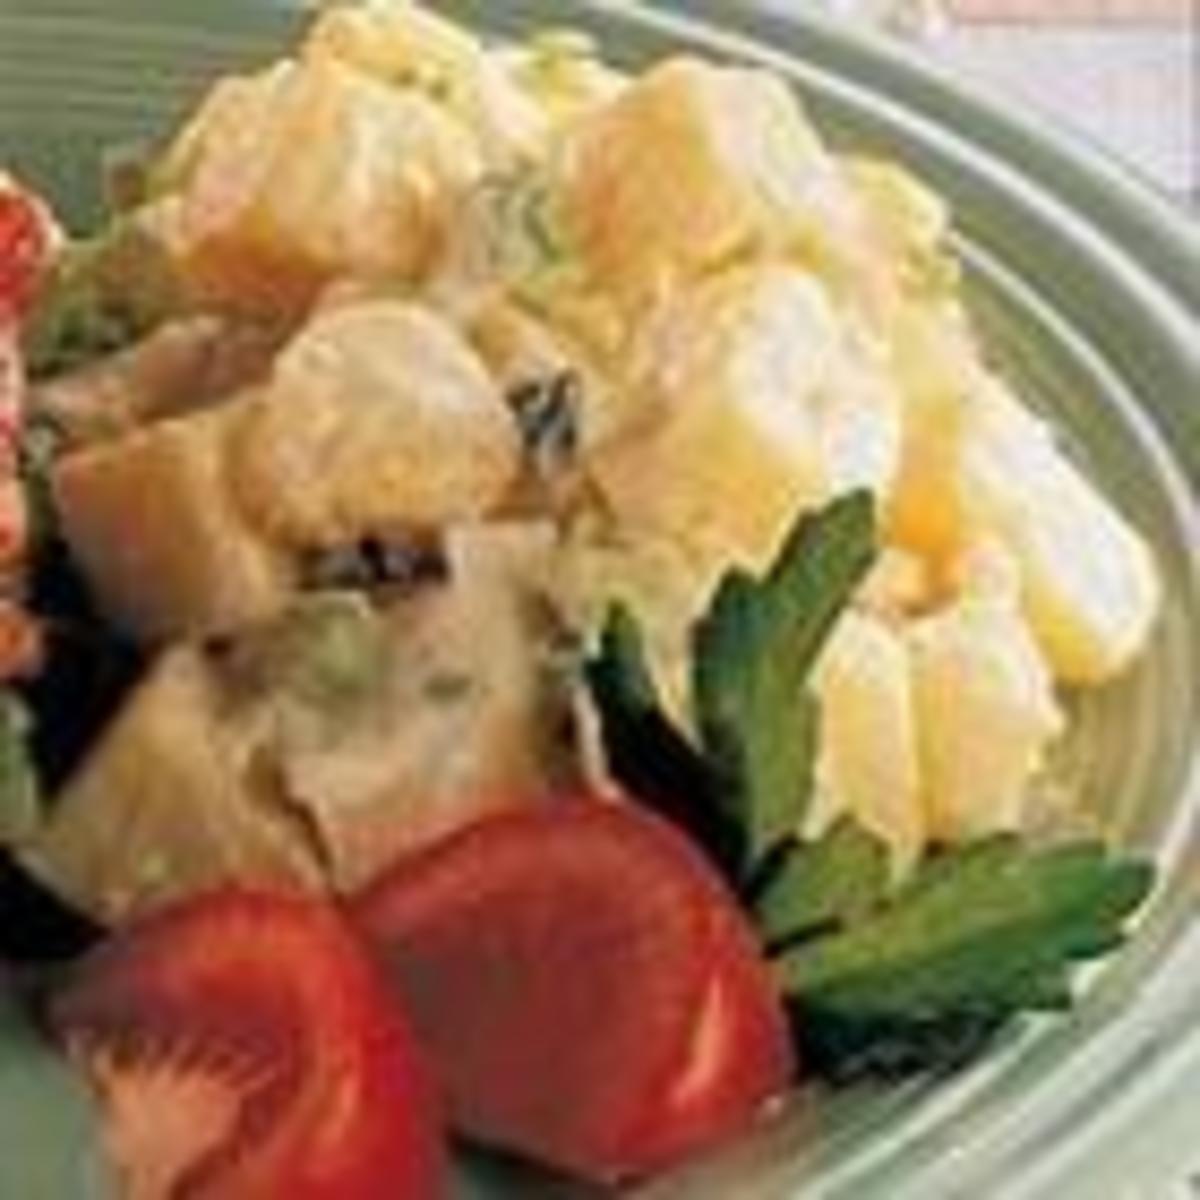 Homemade Potato Salad (from Allrecipes)